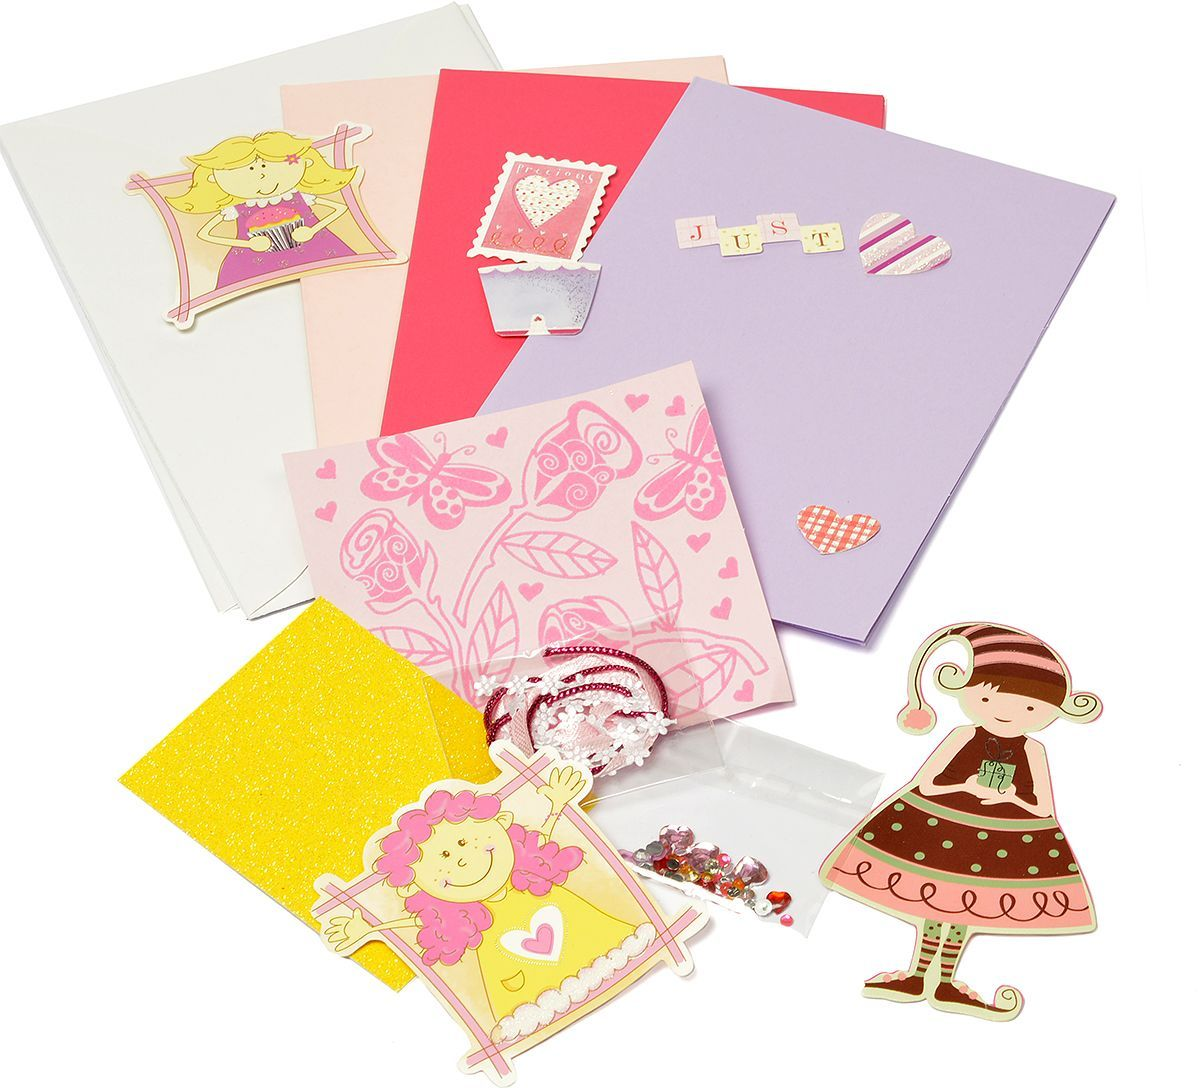 Производство наборов открыток, пожелания хорошего дня